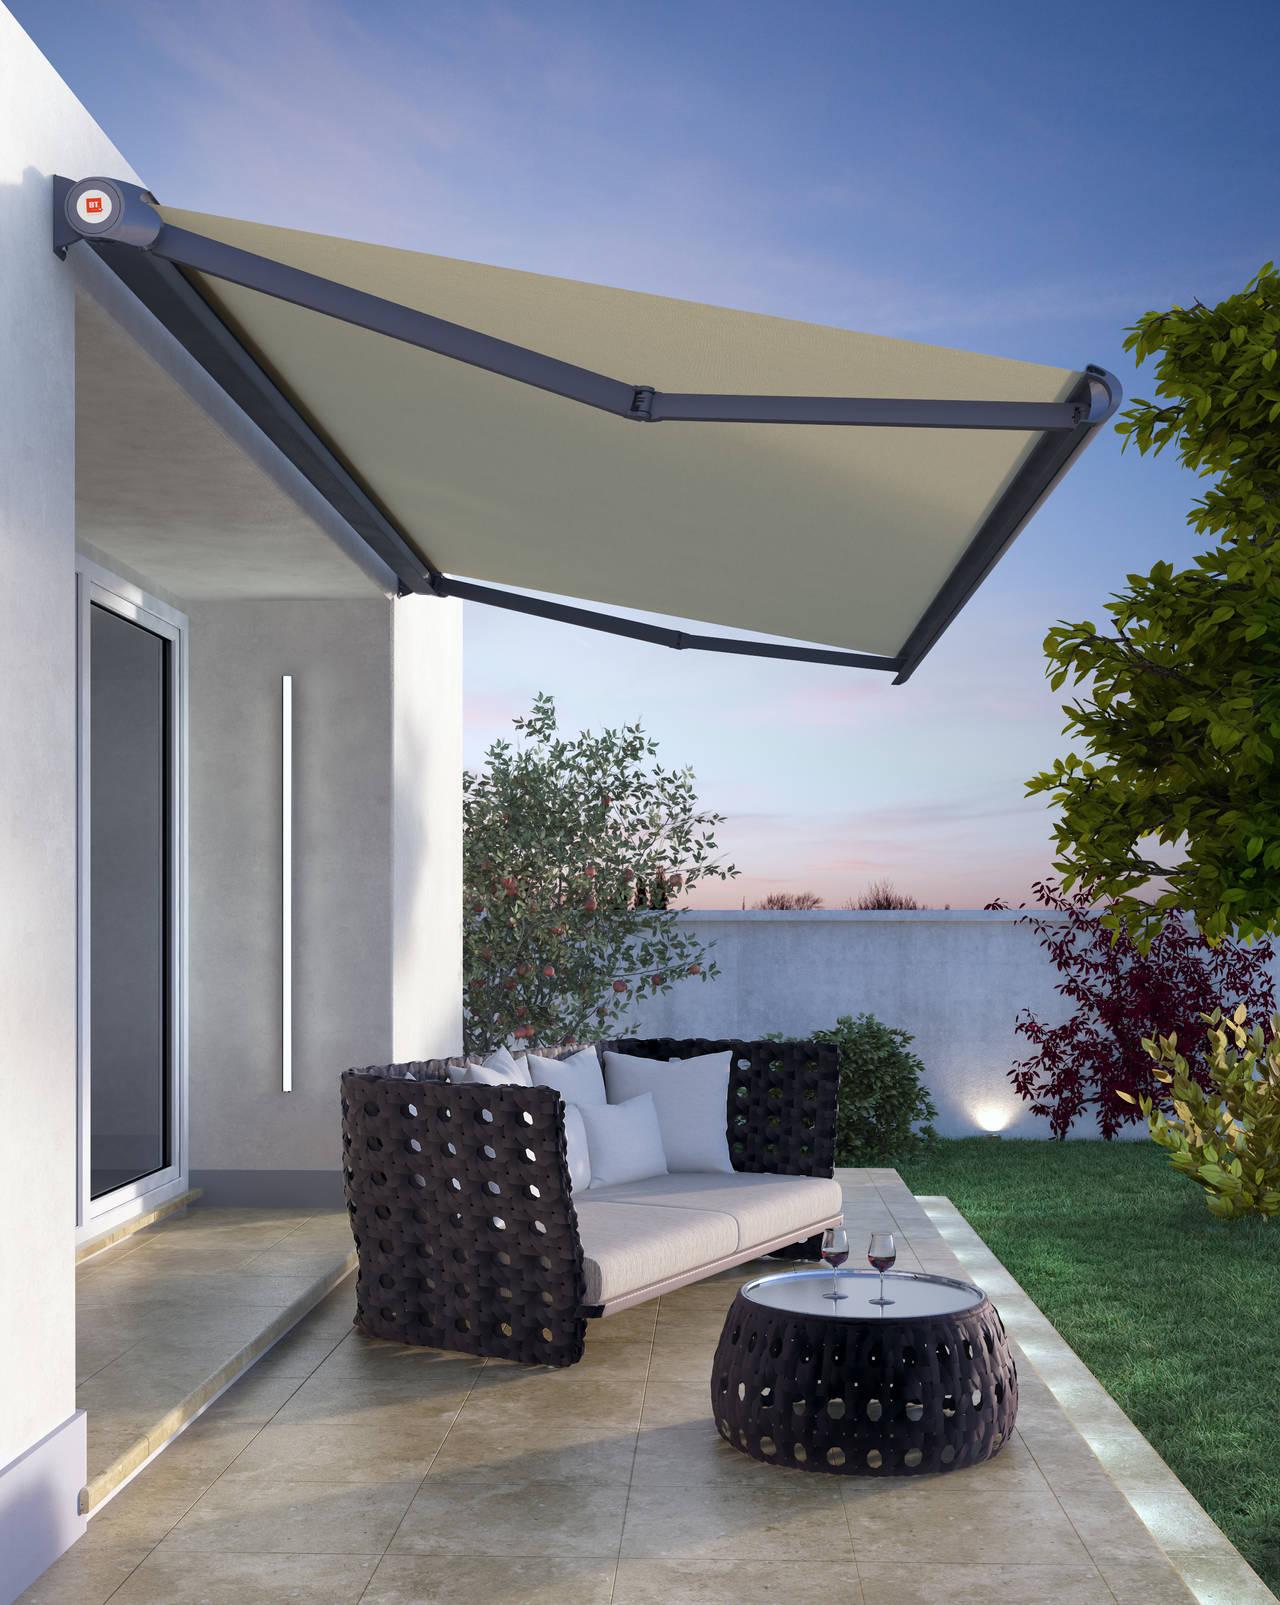 R93 ELEGANCE è la tenda a cassonetto totale, pensata per case di prestigio e ambienti esclusivi